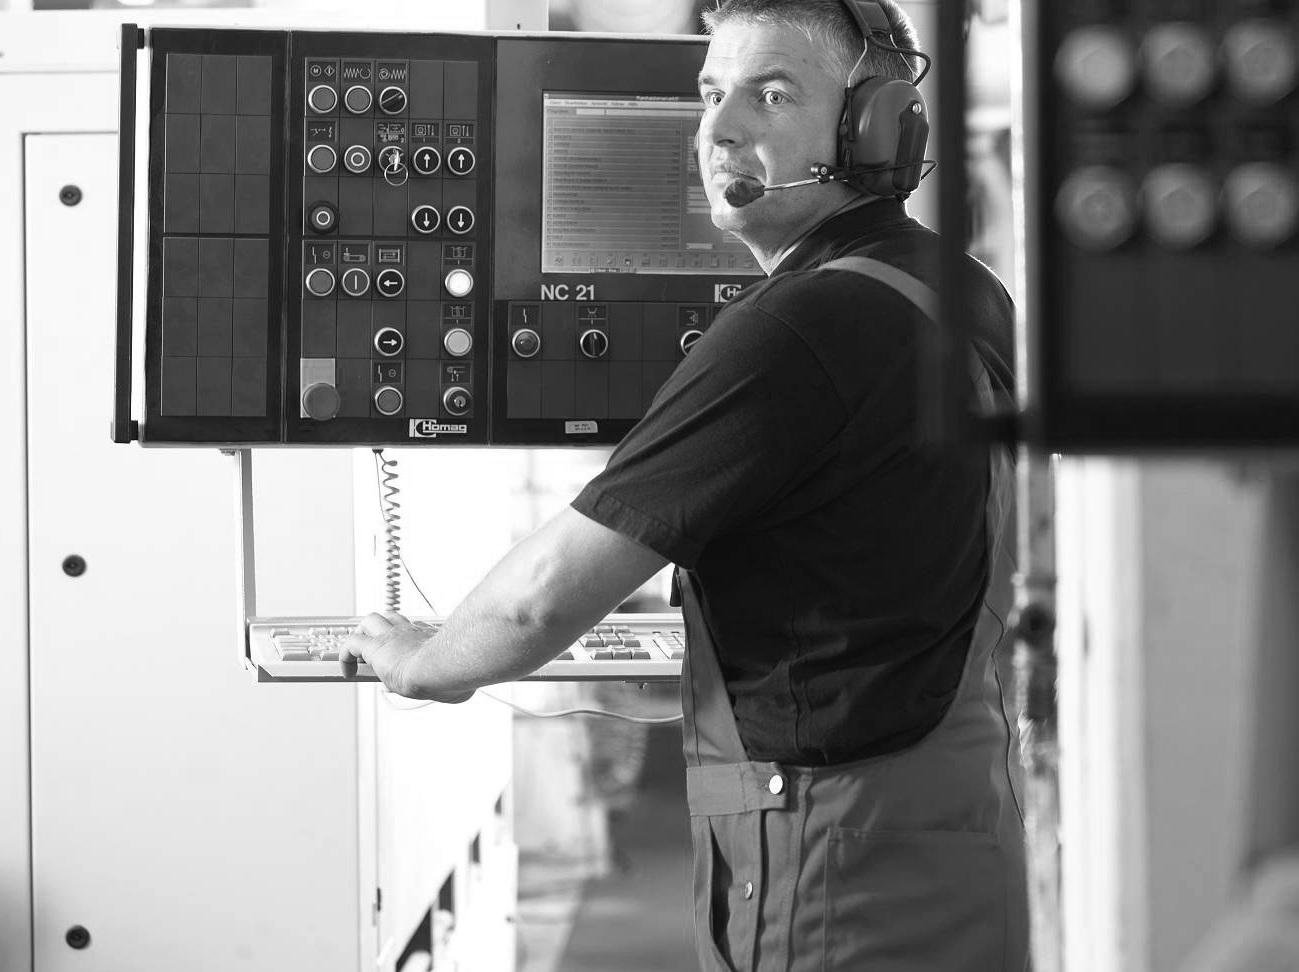 Eersteklas SieMatic-kwaliteit onder meer door eigen testlaboratoria en zowel interne als extrene audits voor de kwaliteitsborging.